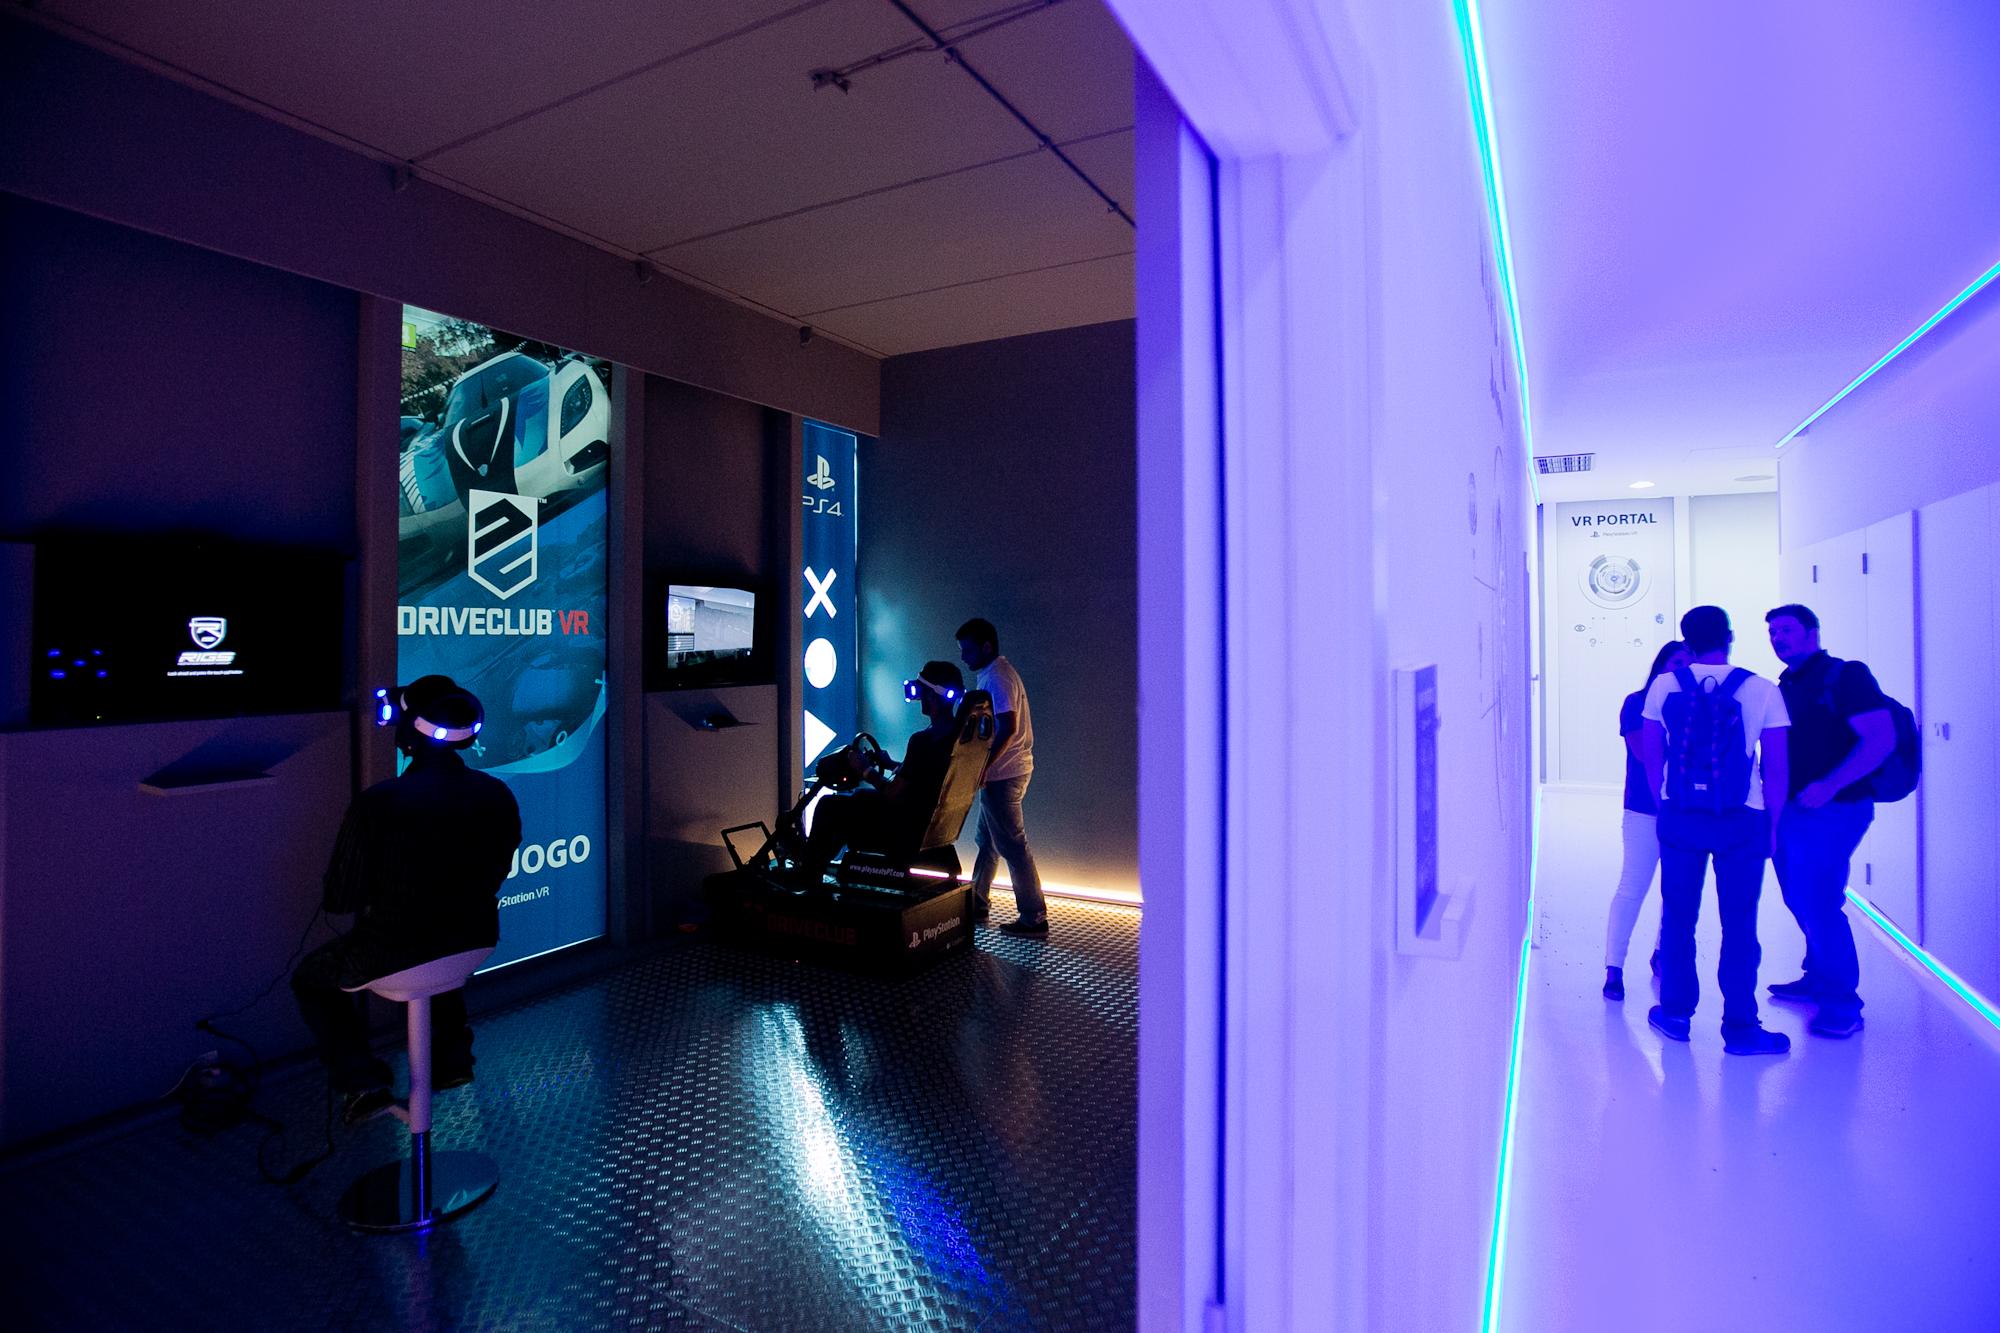 Visitámos o VR Portal, o novo espaço do PlayStation VR